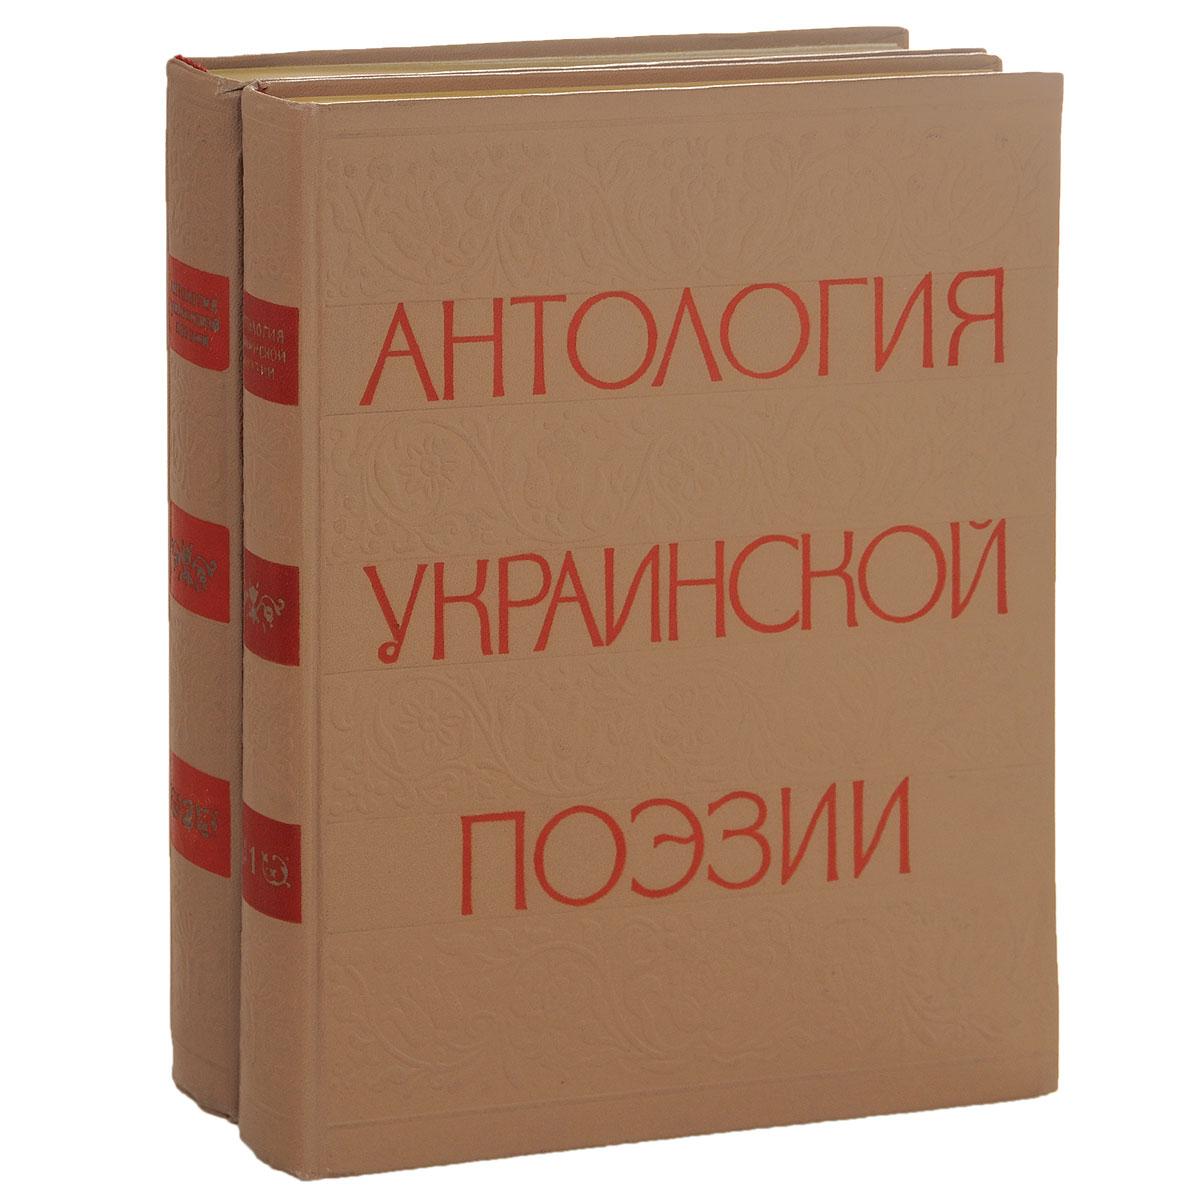 Антология украинской поэзии. В 2 томах (комплект из 2 книг)